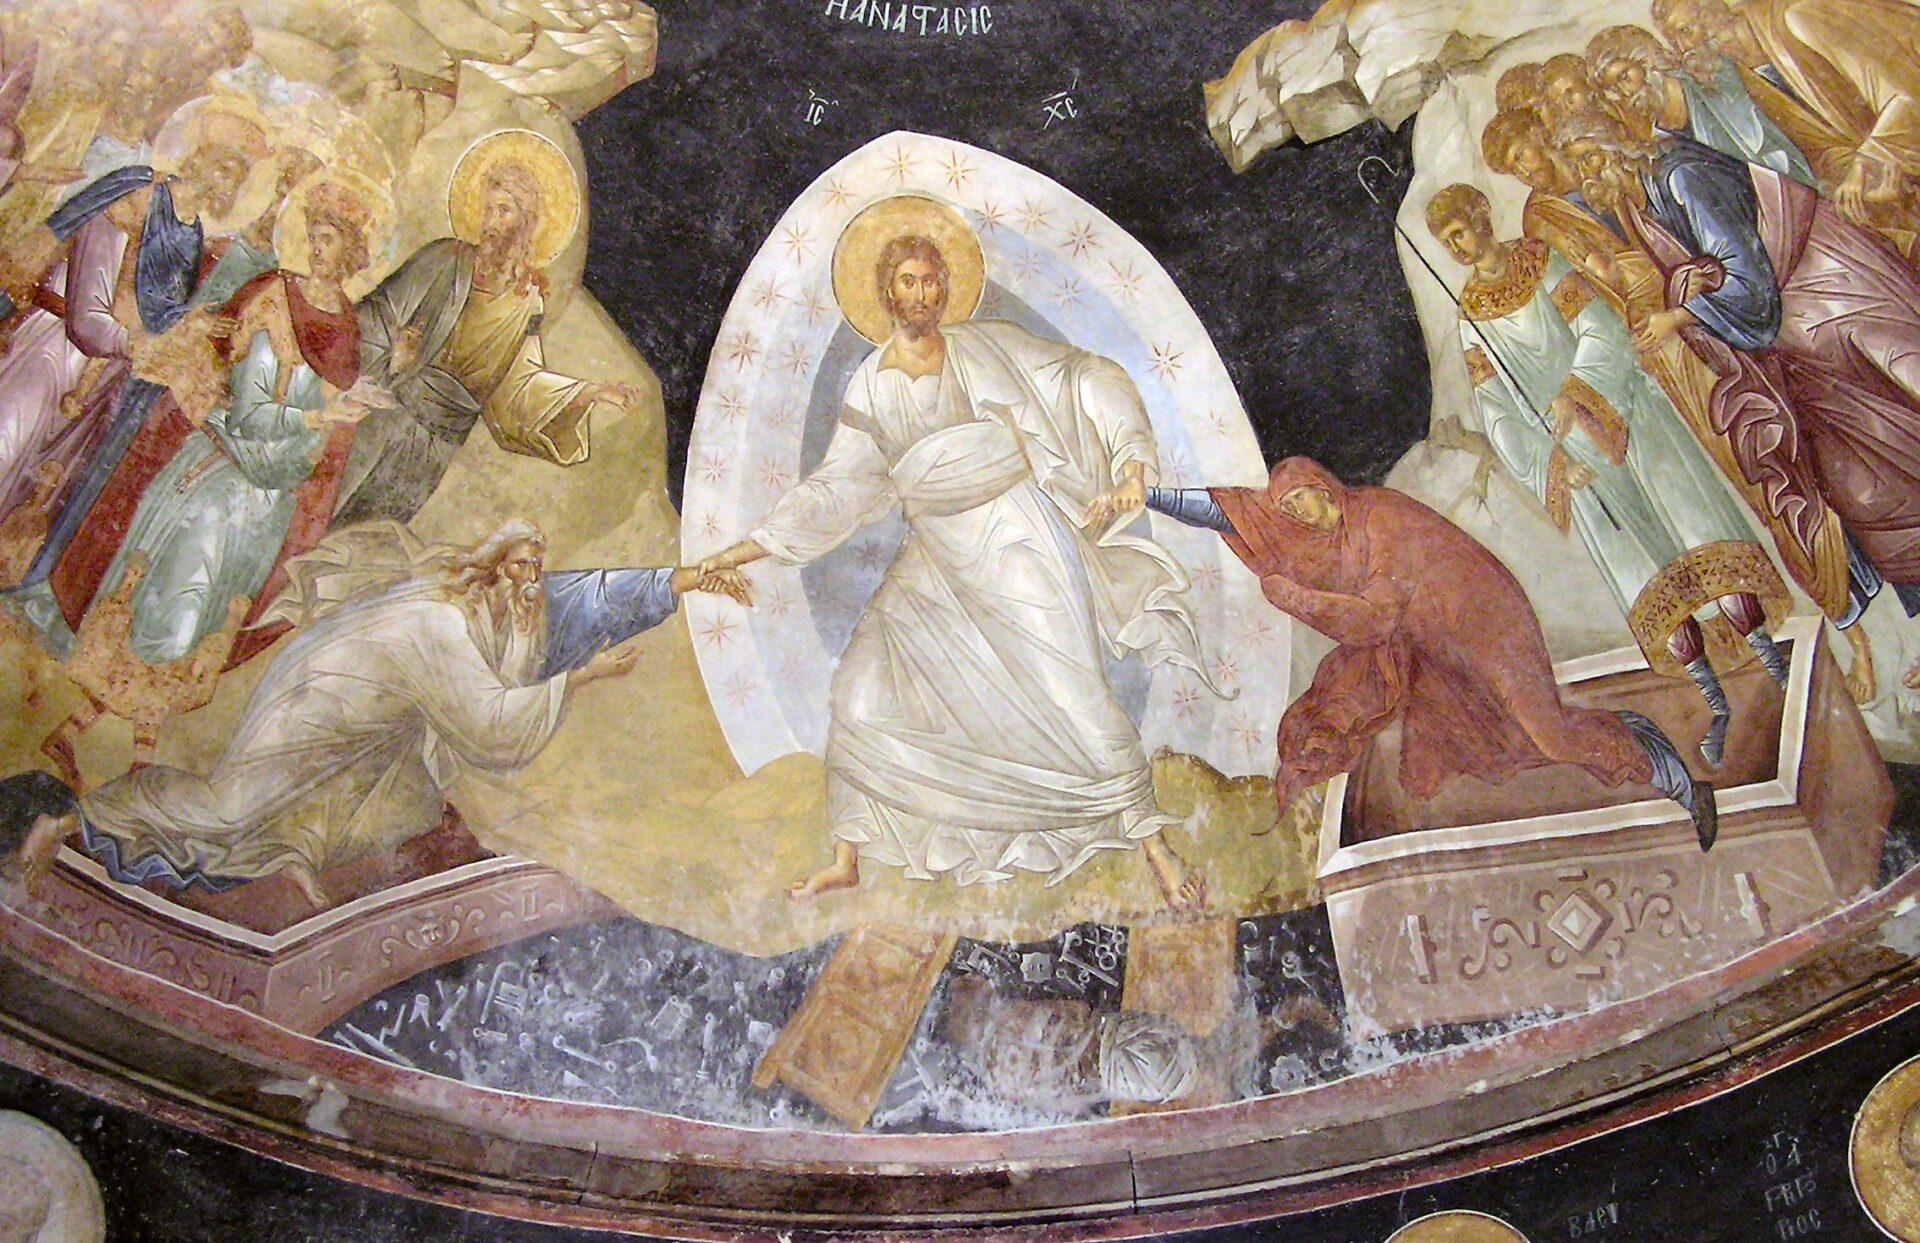 Le Christ est ressuscité, Alléluia!